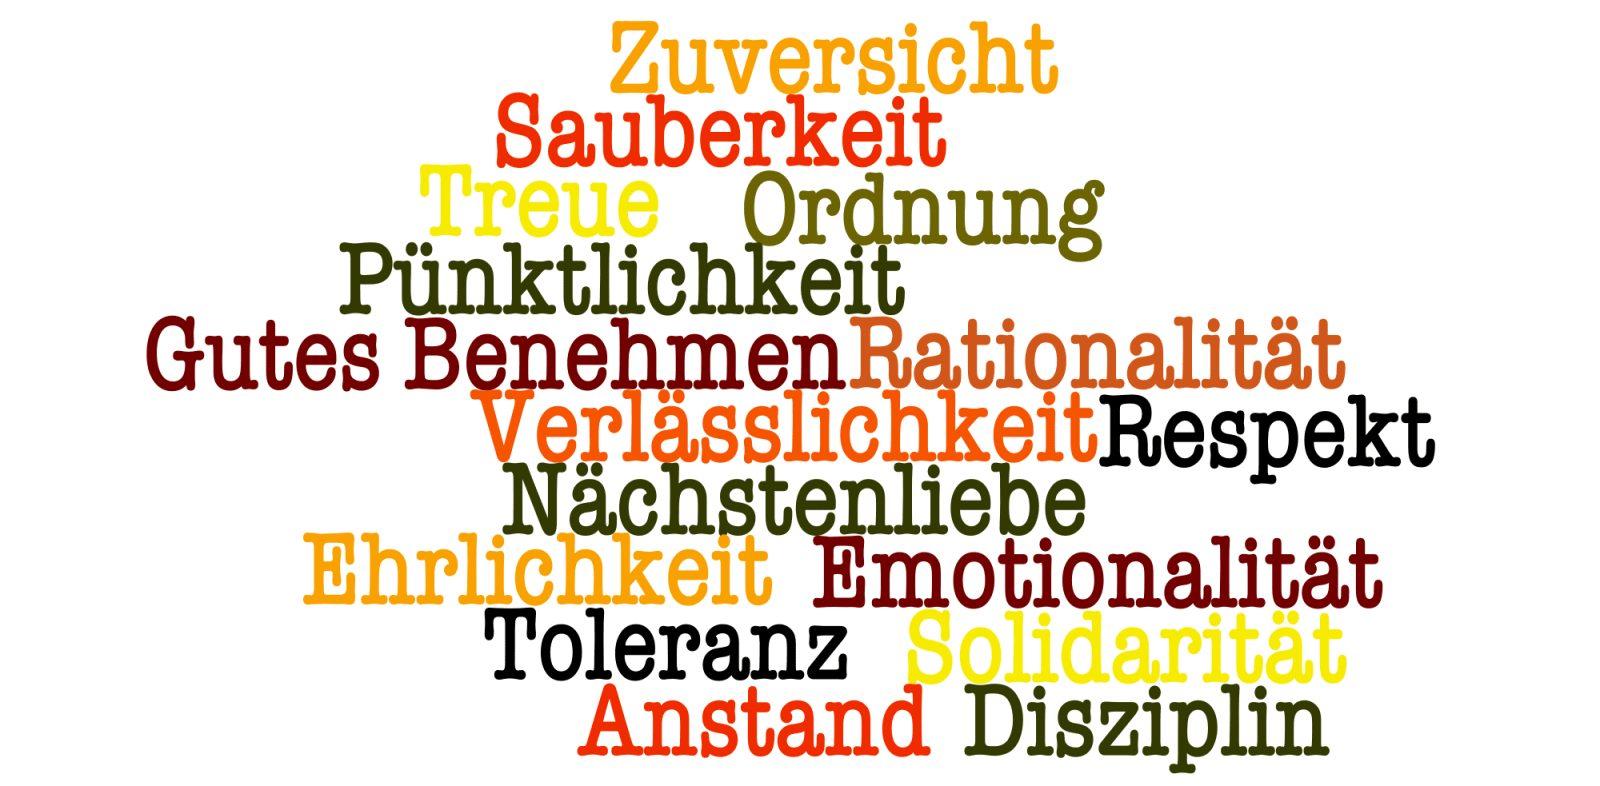 Wordle_DeutscheWerte